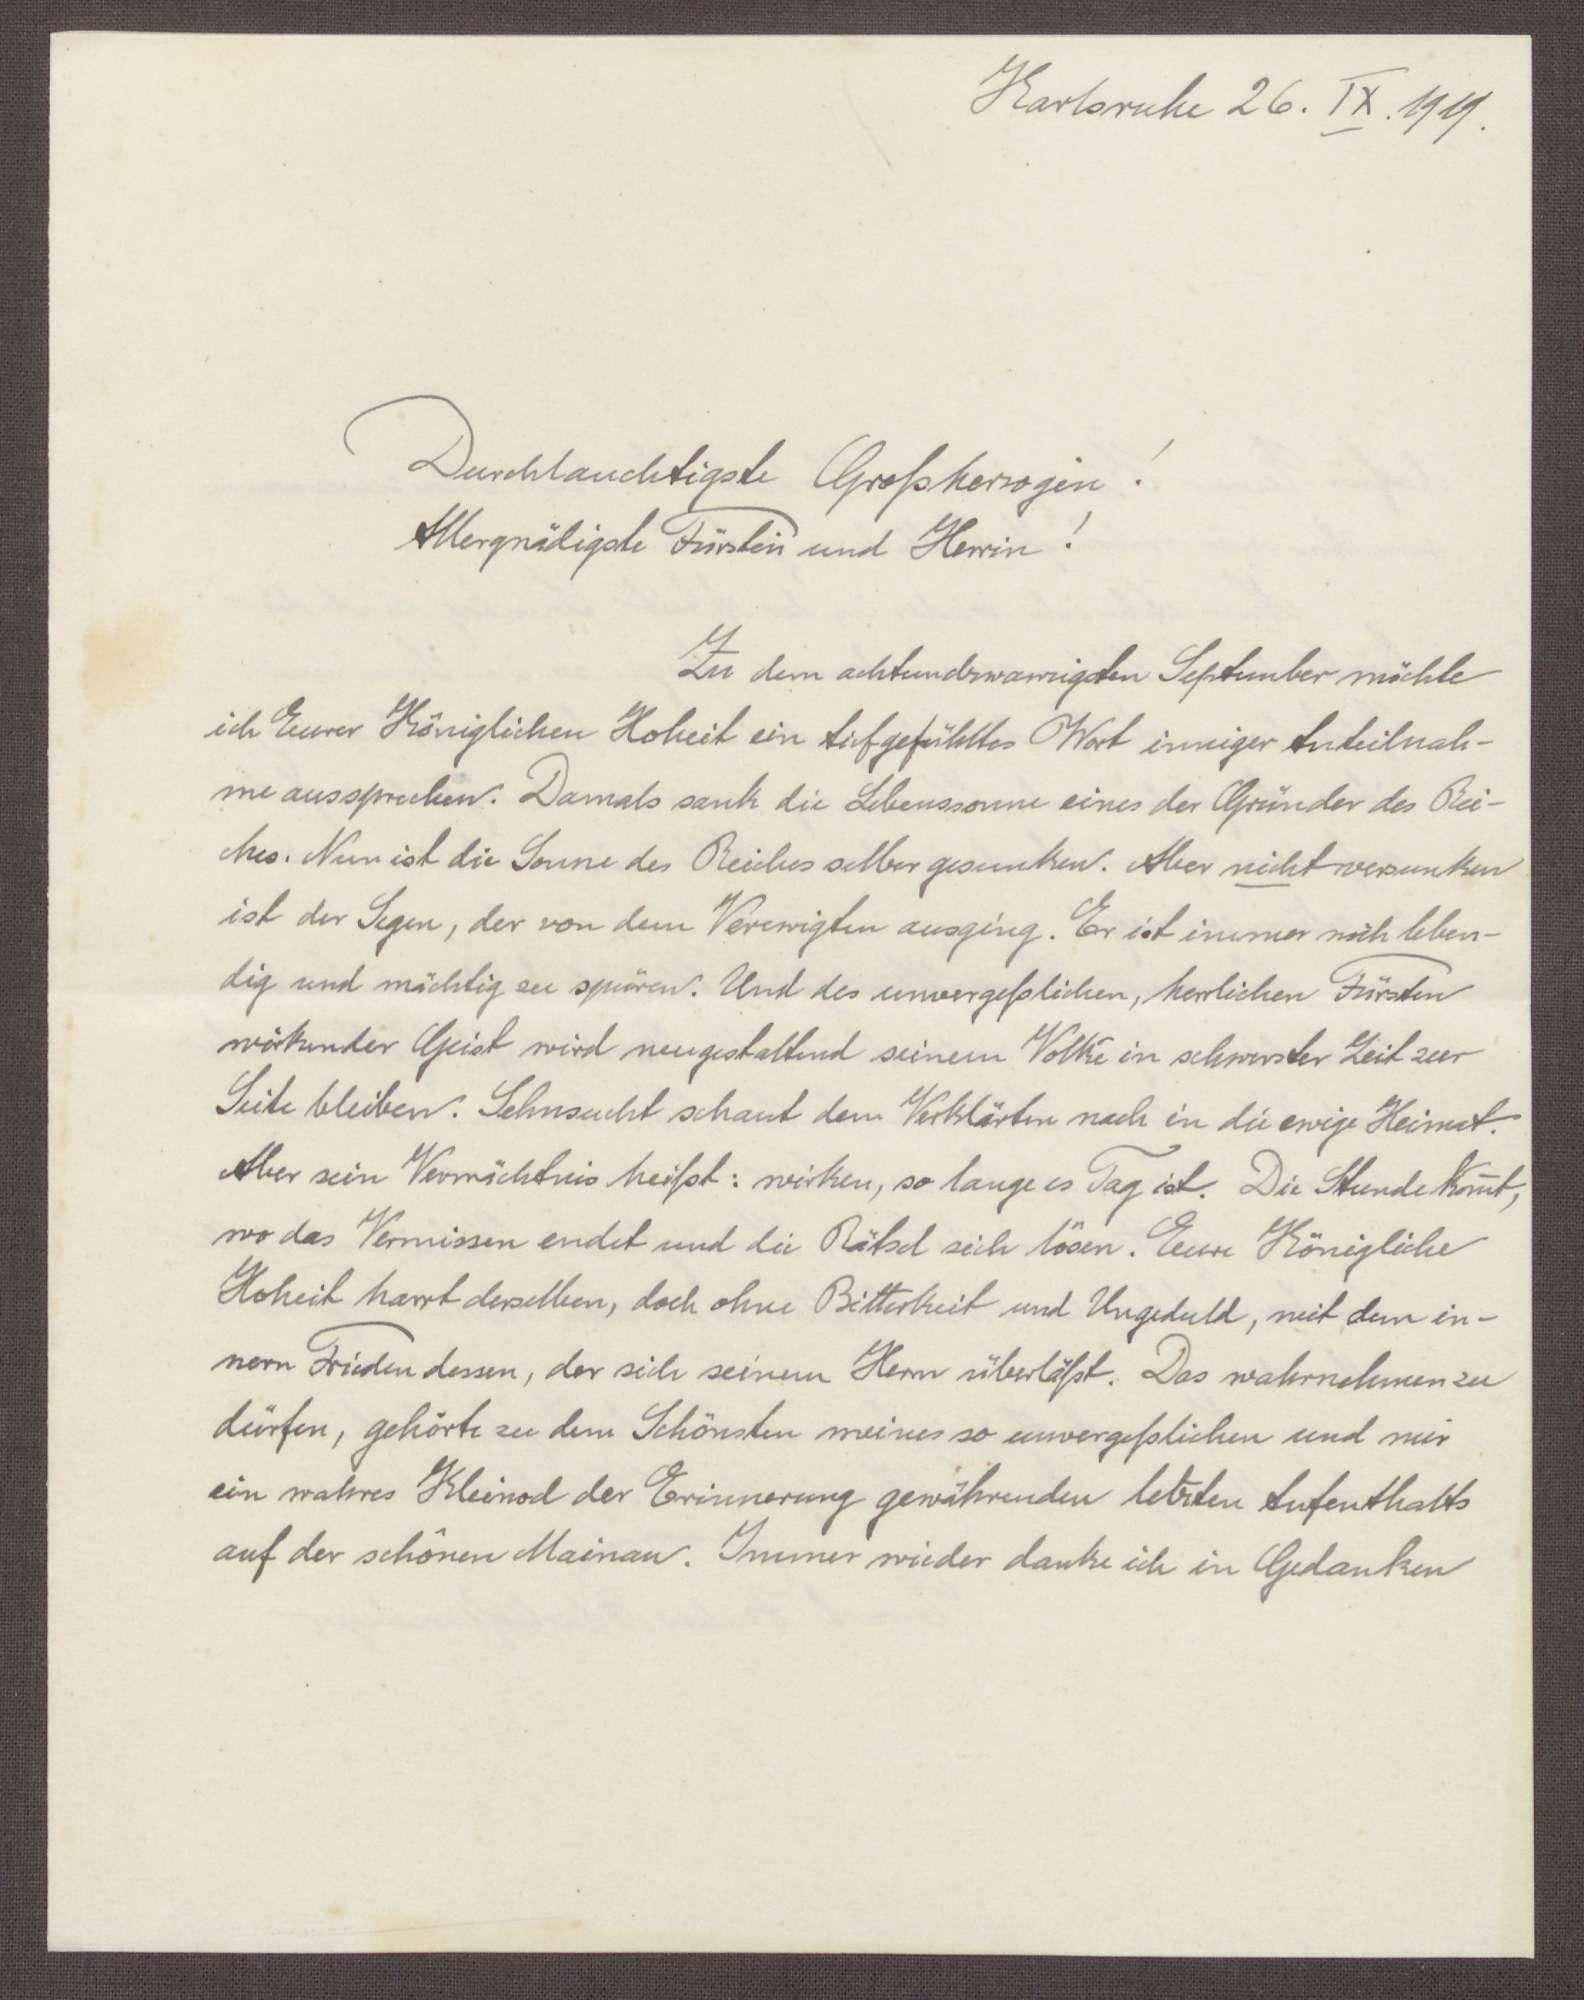 Schreiben von Ernst Fischer an die Großherzogin Luise; Erinnerung an den Tod von Großherzog Friedrich I. und Erinnerungen an einen Aufenthalt auf der Insel Mainau, Bild 1